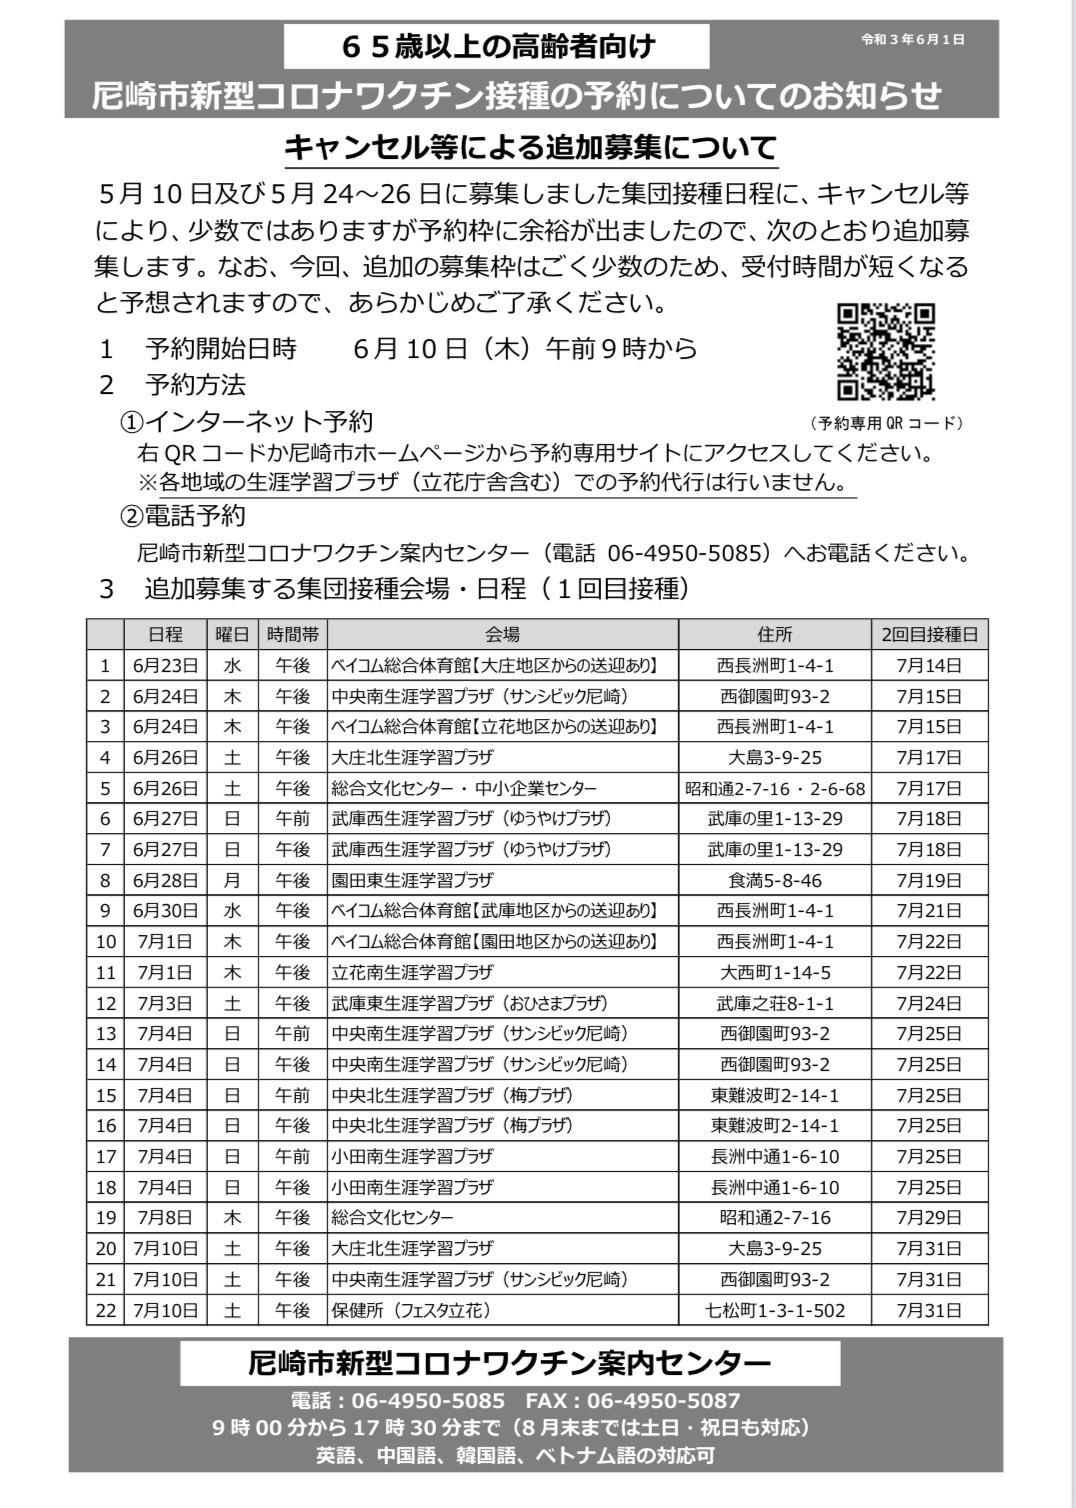 尼崎市の集団接種追加予約